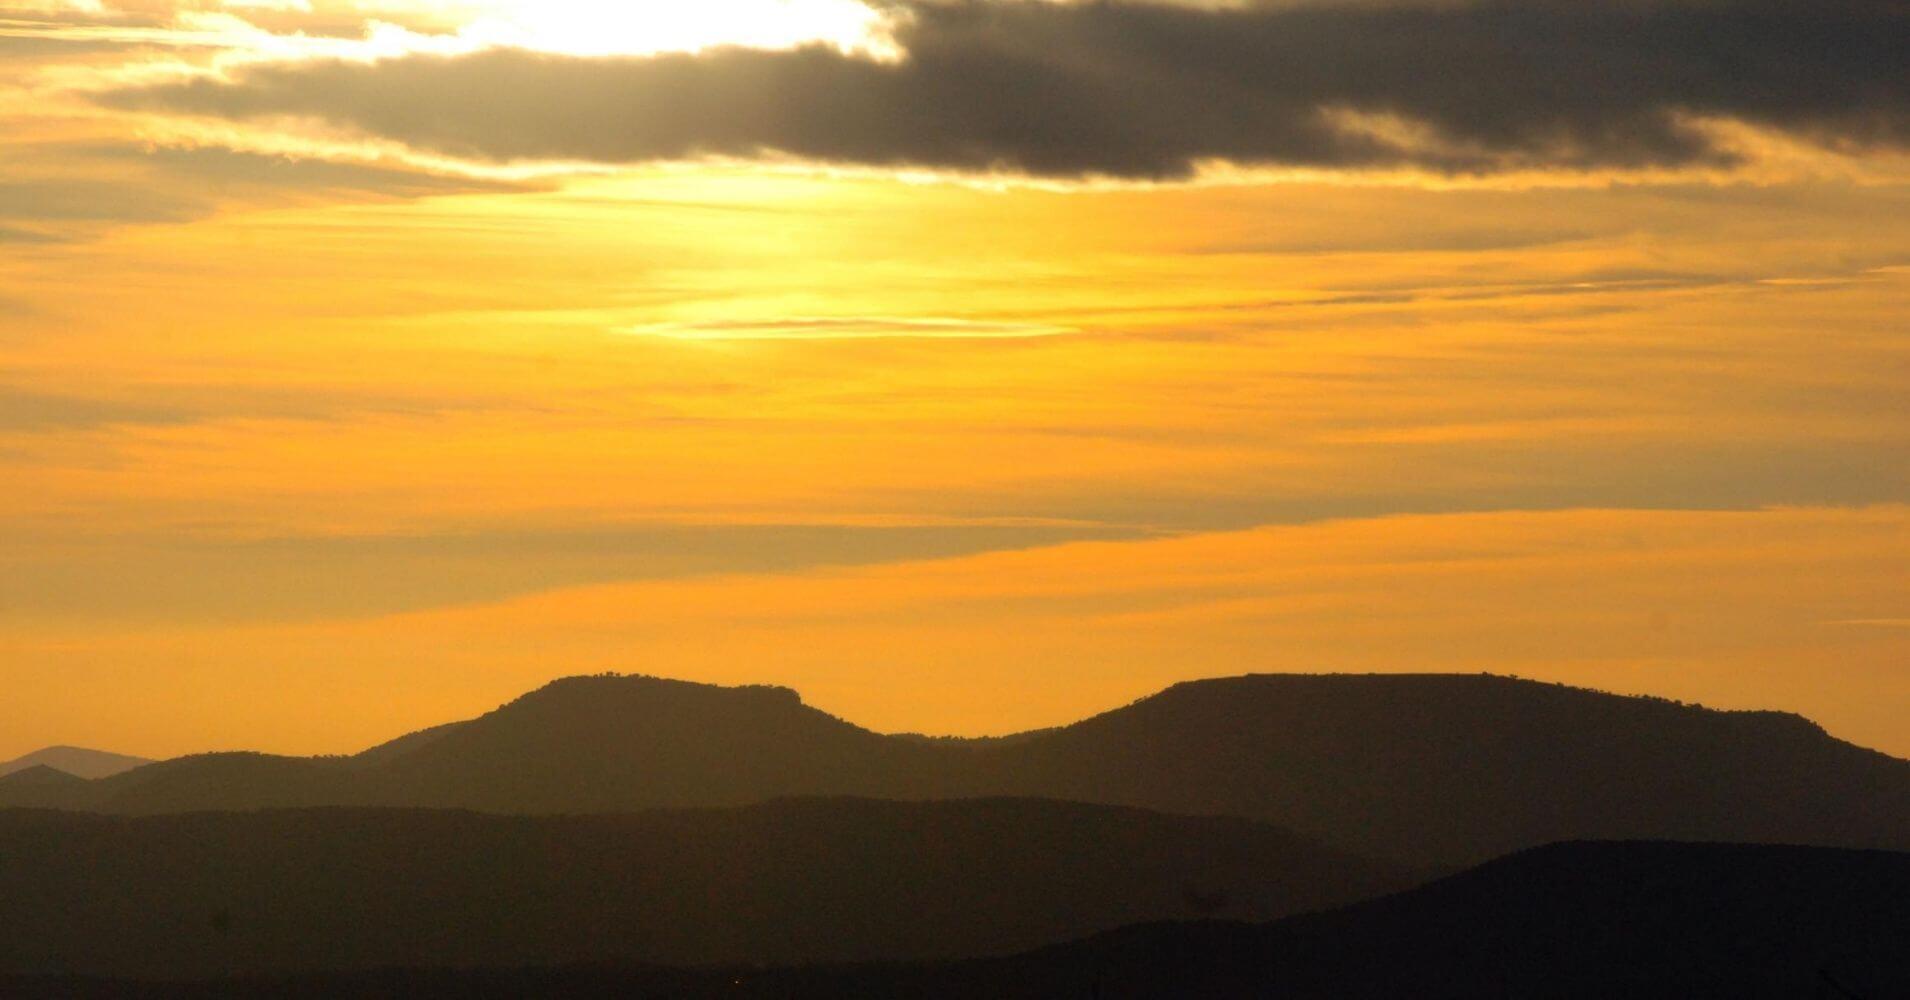 Puesta de Sol en el Cerro del Castillo. Parque Natural de Despeñaperros. Jaén.